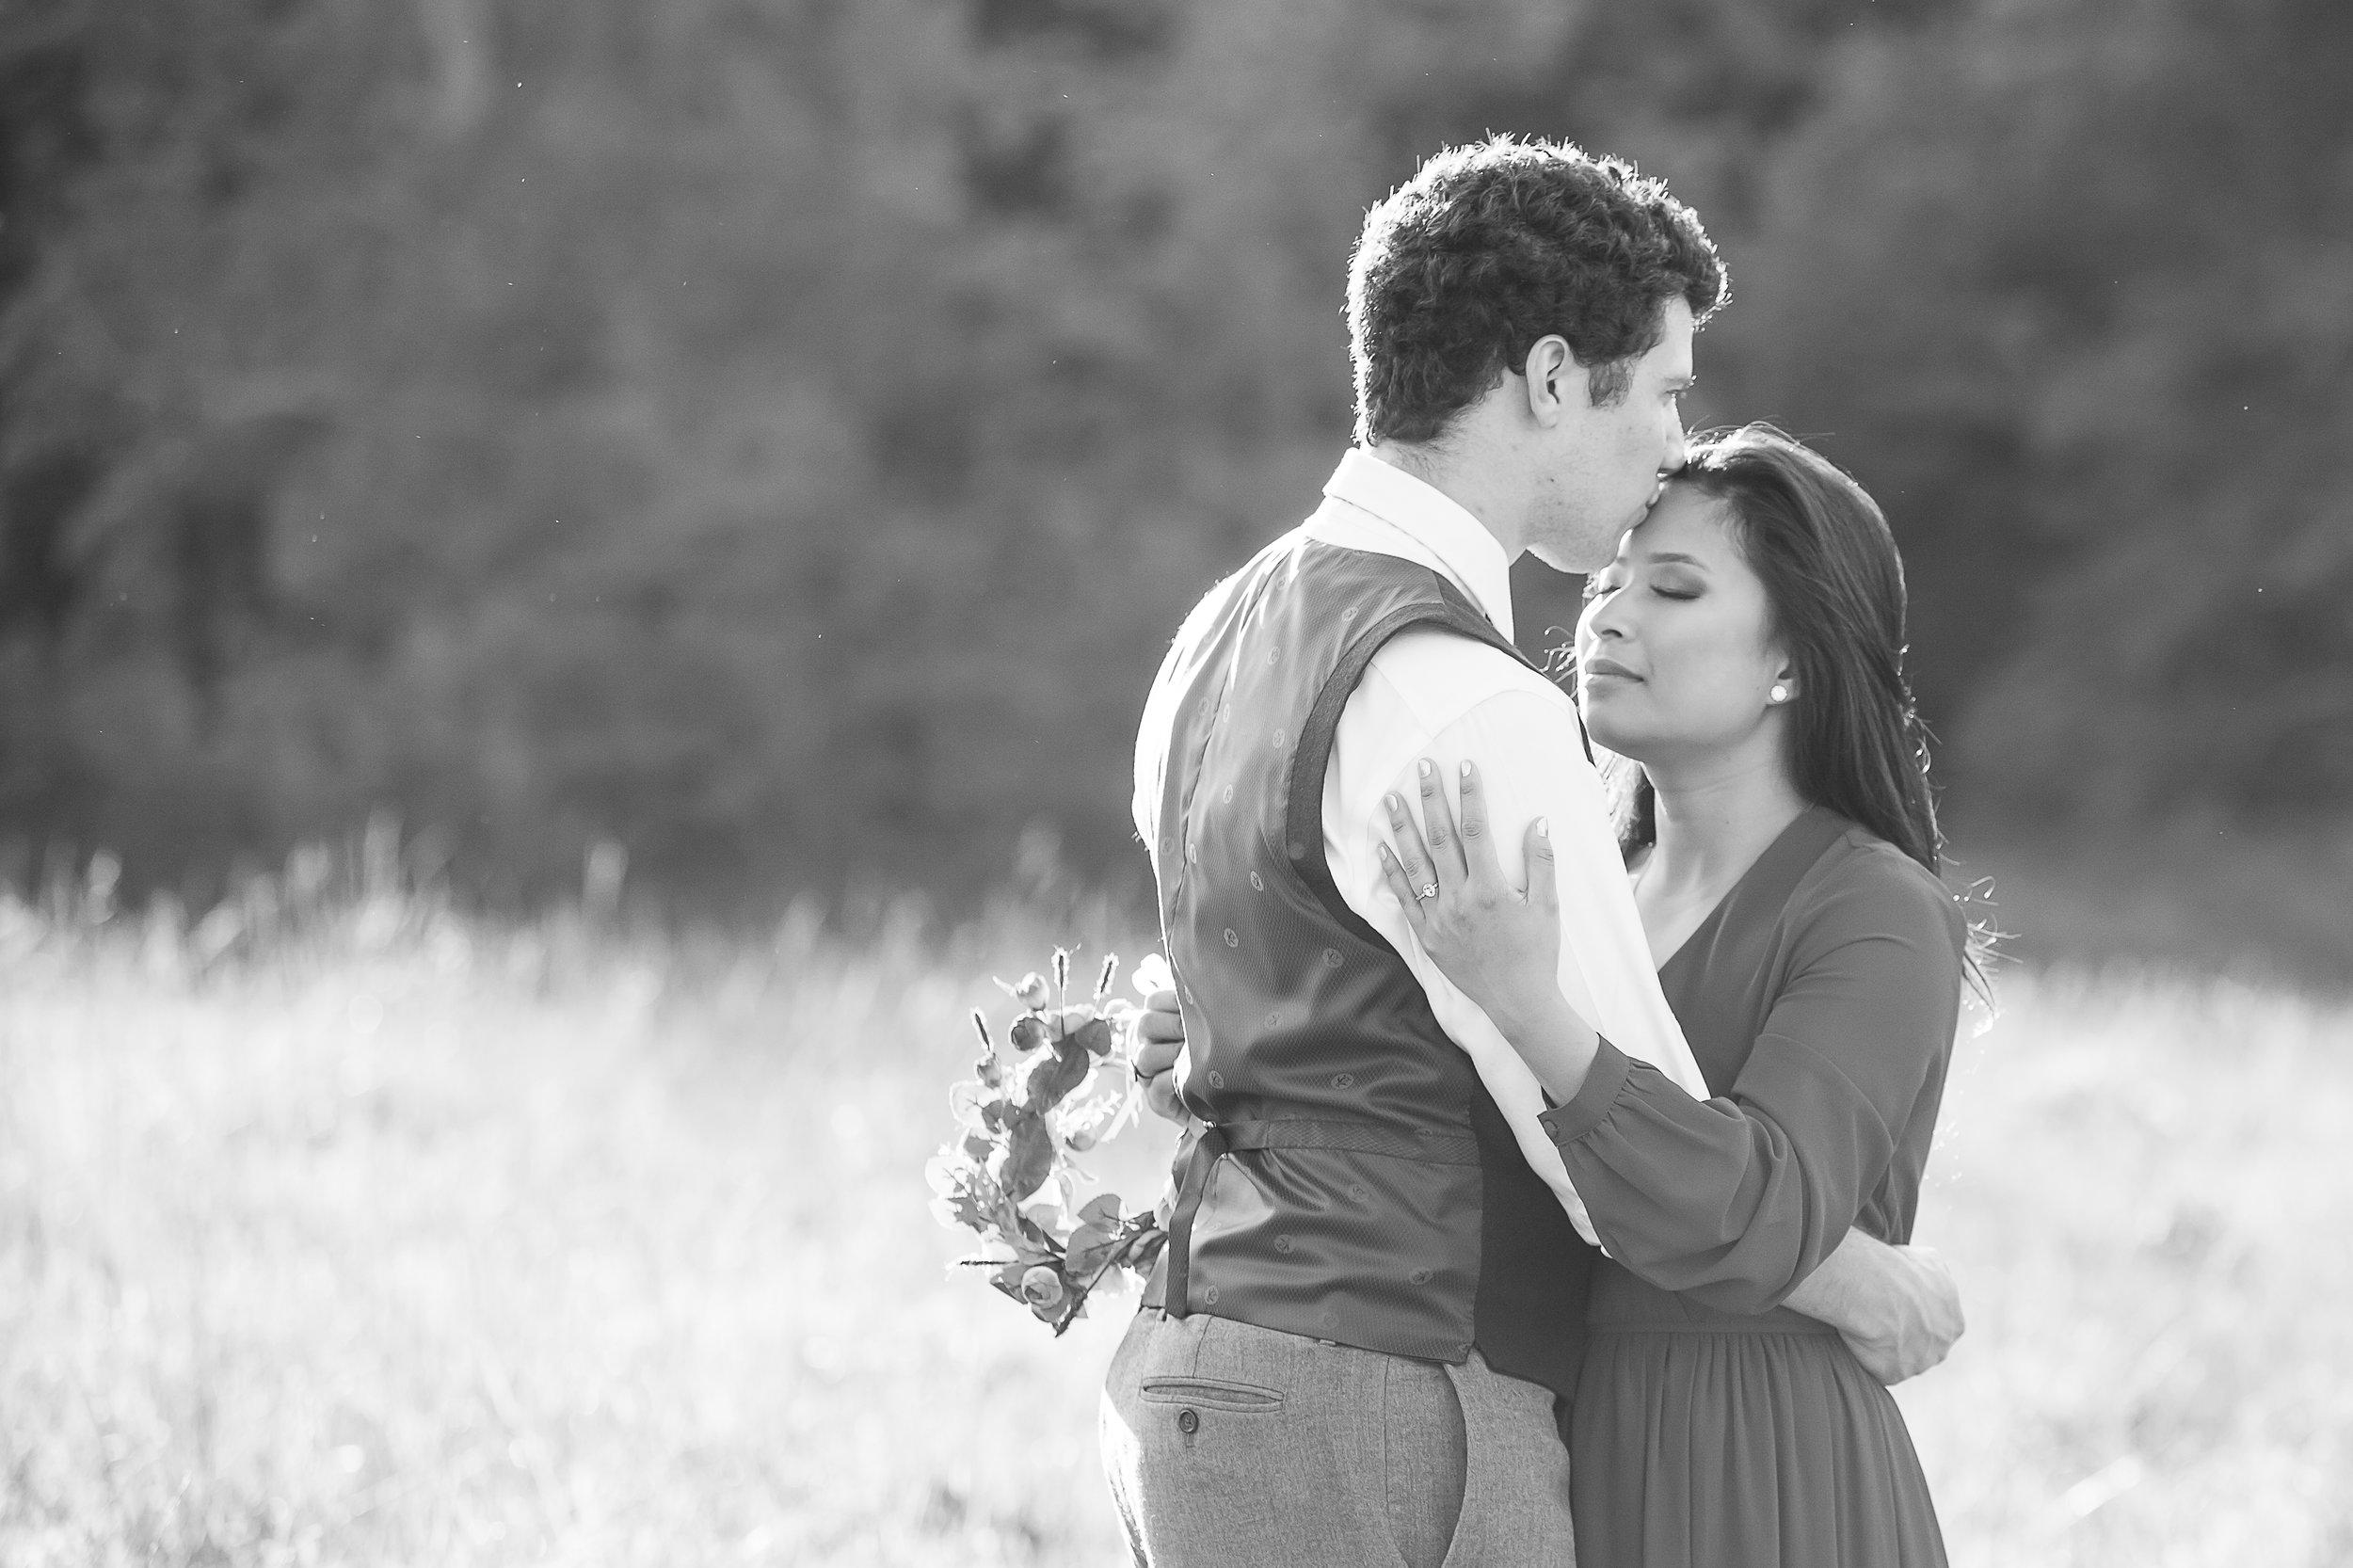 Mai-Dan-Engagement-Kim-Pham-Clark-Photography-144.jpg